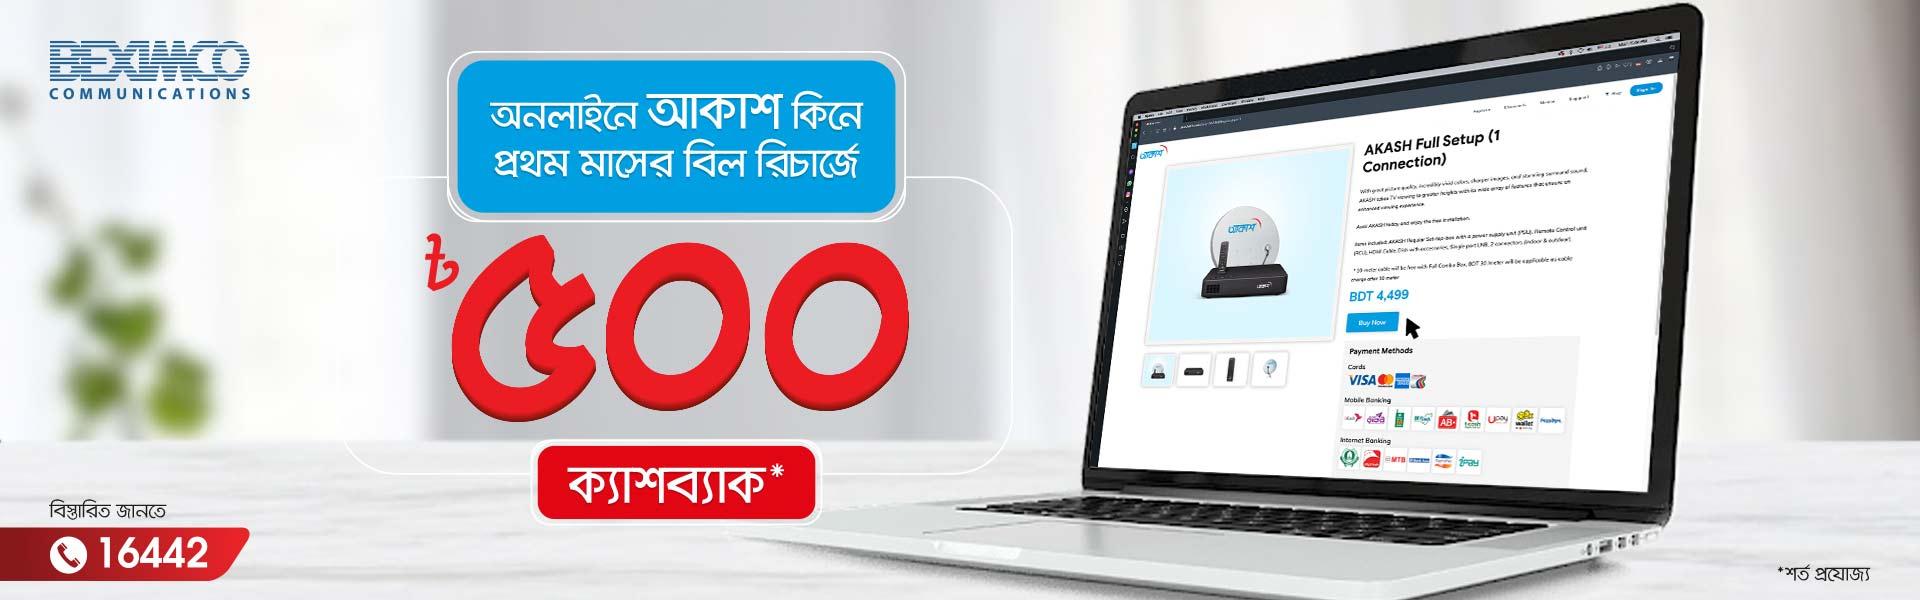 BDT 500 Cashback on Online Purchase